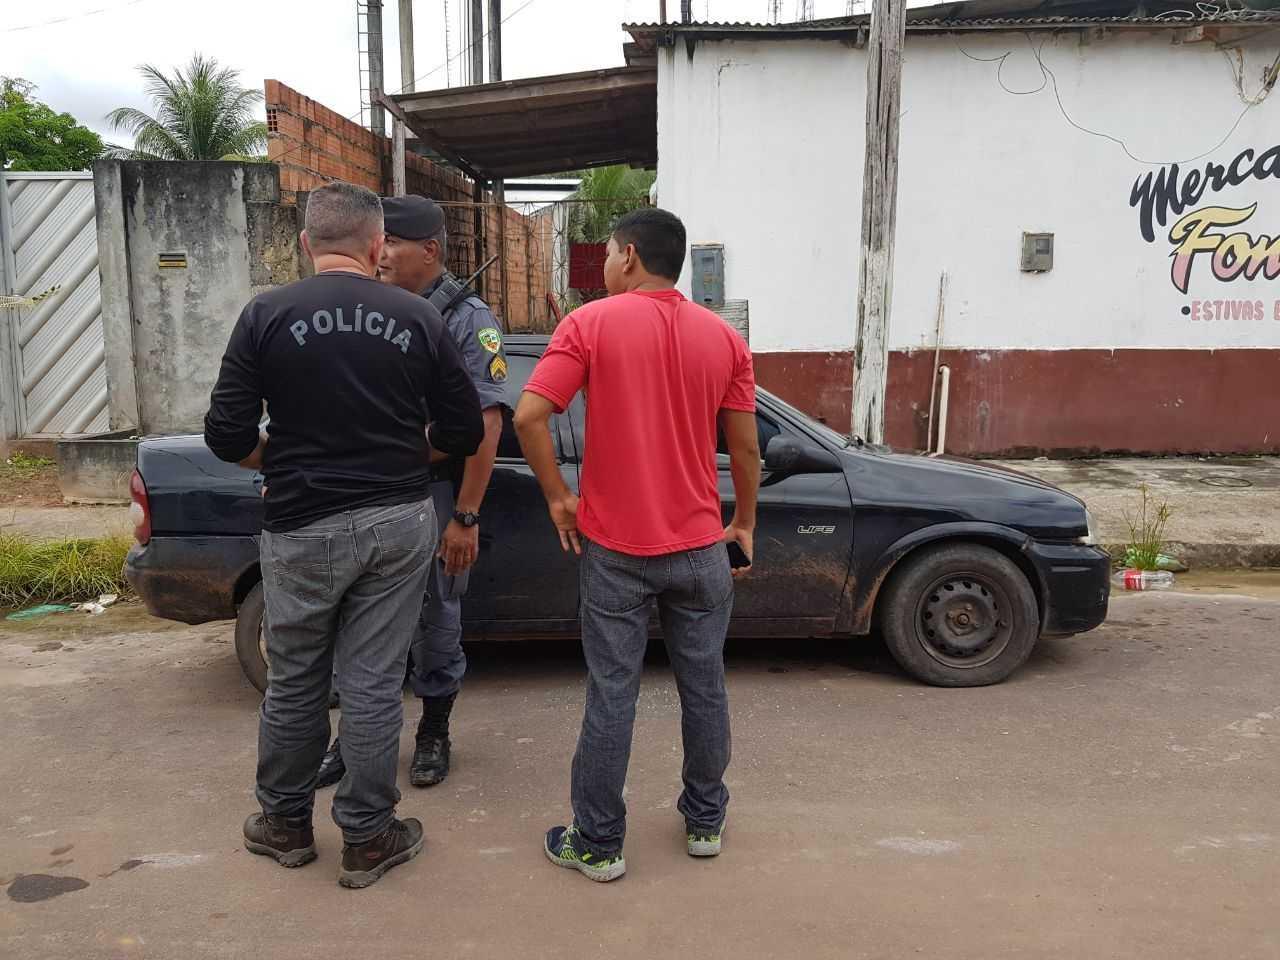 Dois homens são executados em plena sexta-feira santa, em Presidente Figueiredo-Am. / Foto : Portal do Urubuí